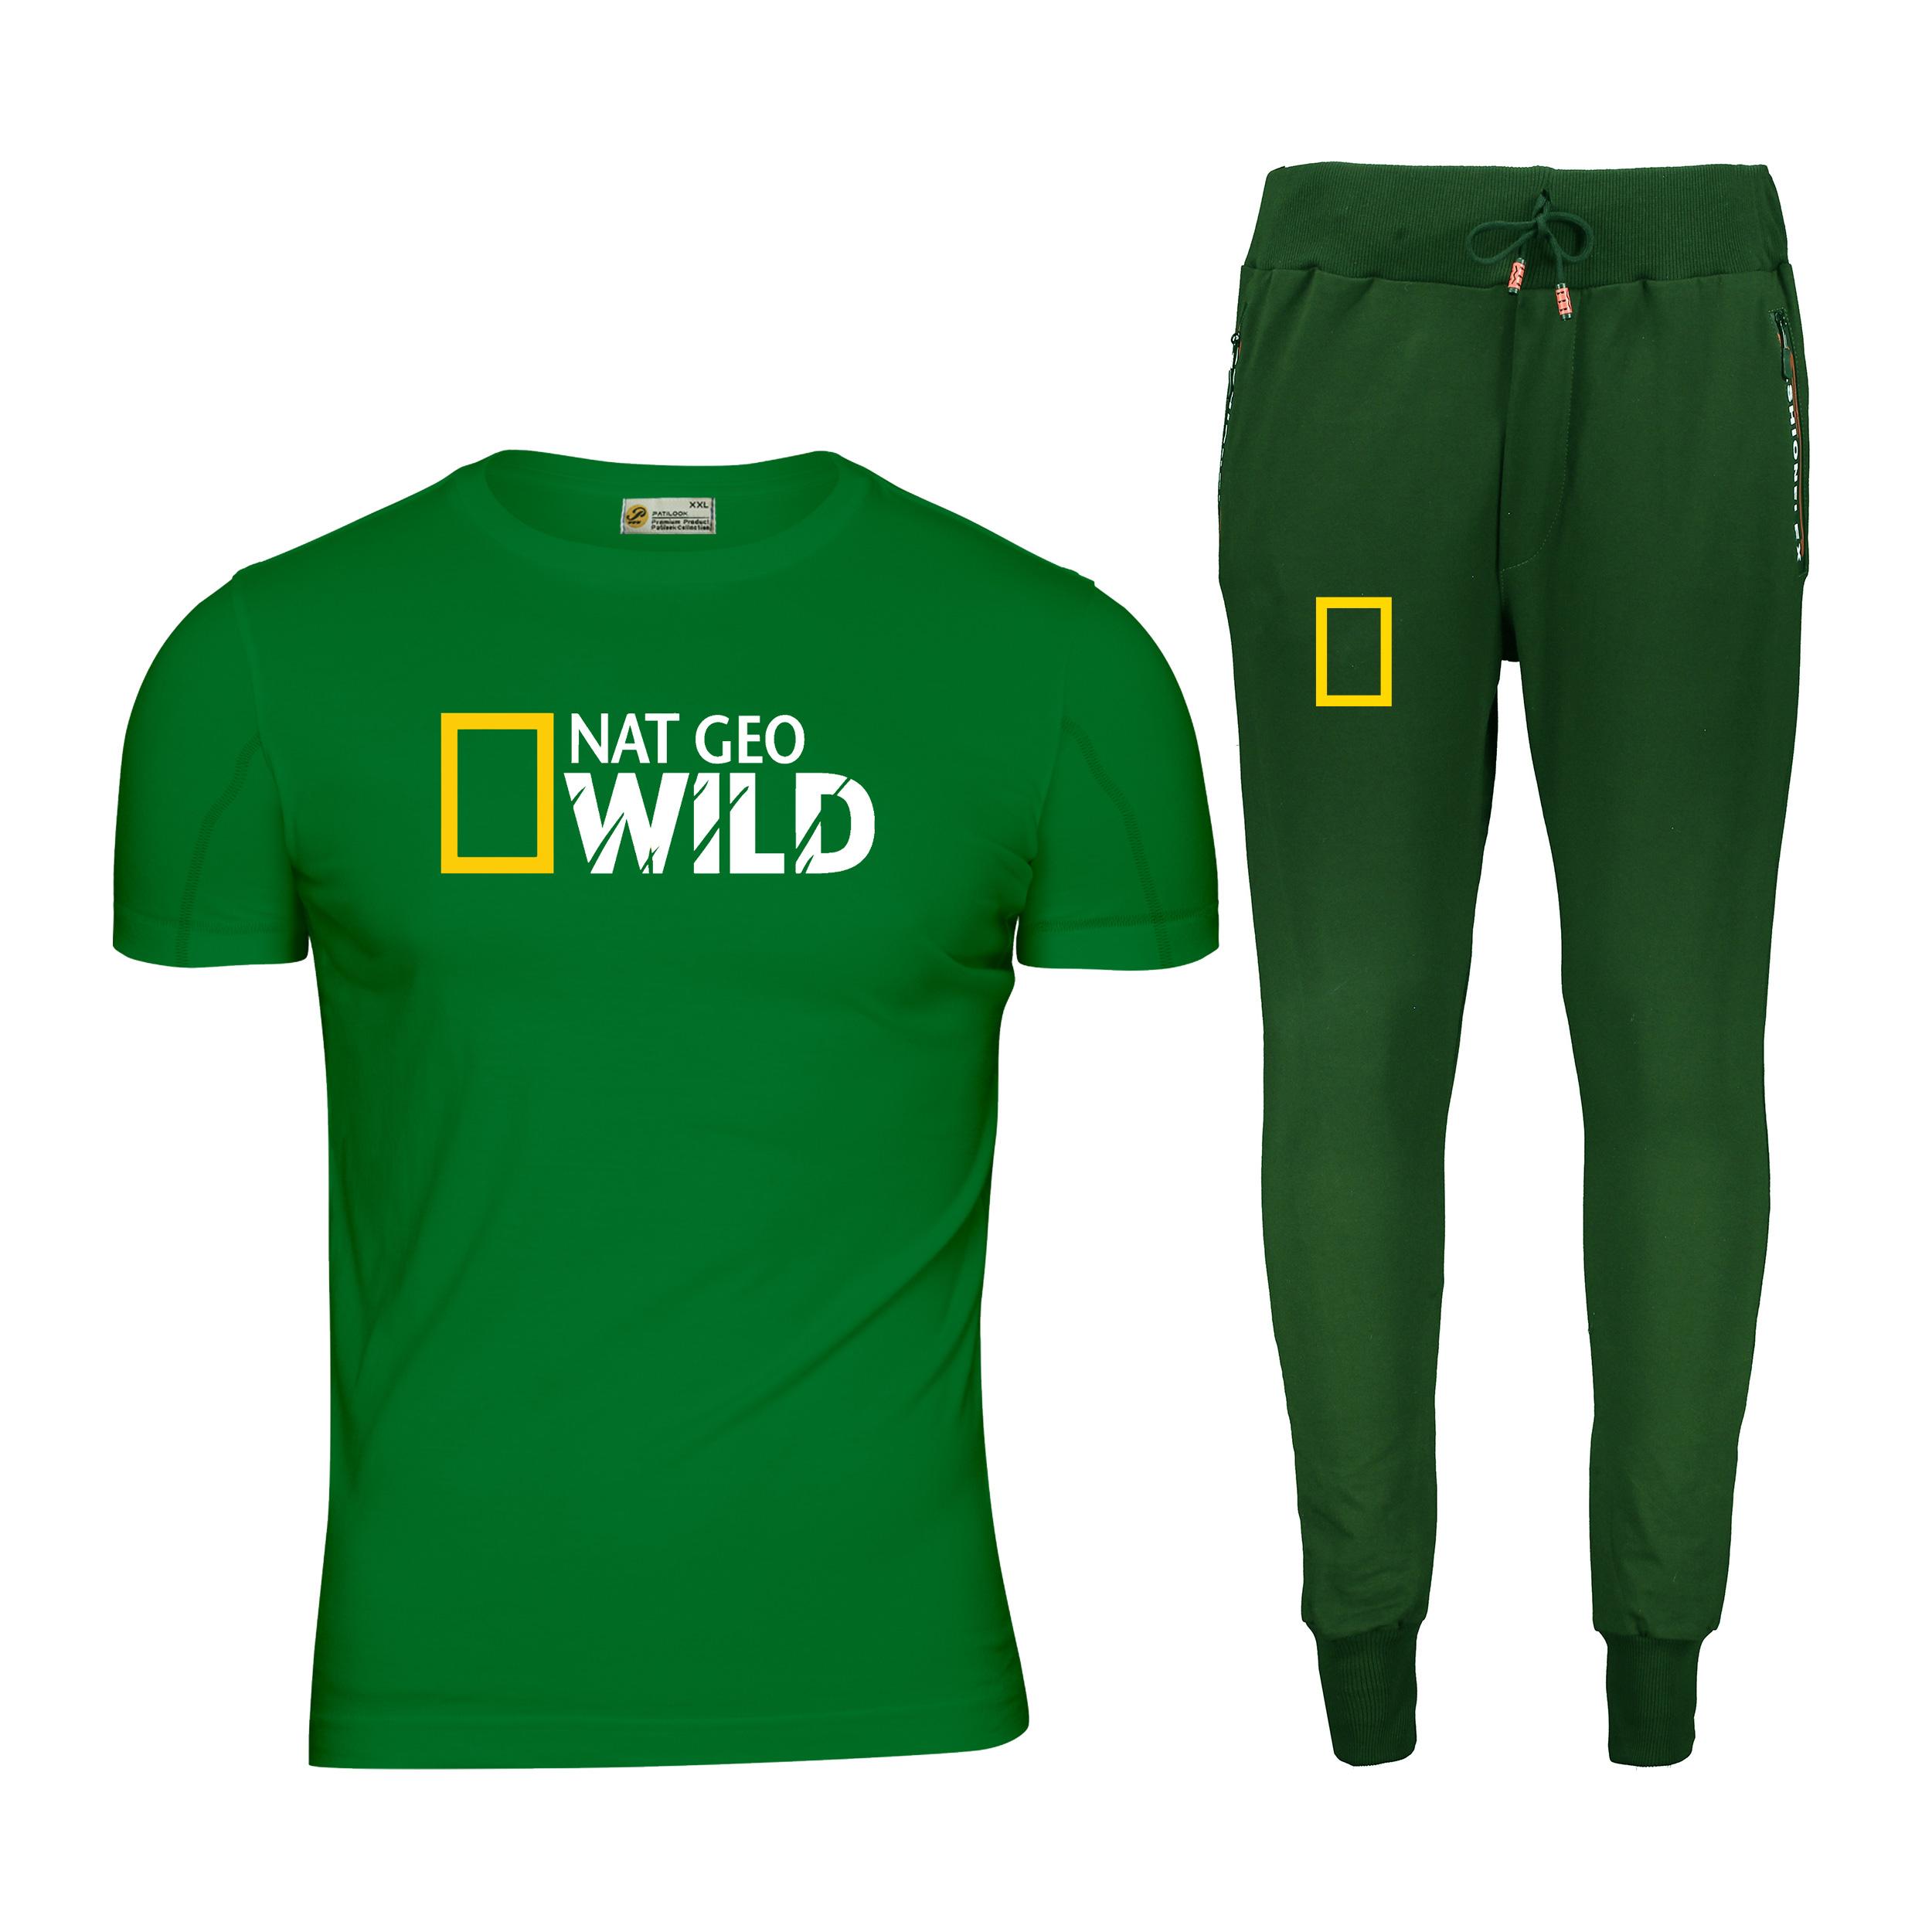 ست تی شرت و شلوار مردانه پاتیلوک مدل نشنال جئوگرافیک کد 400108